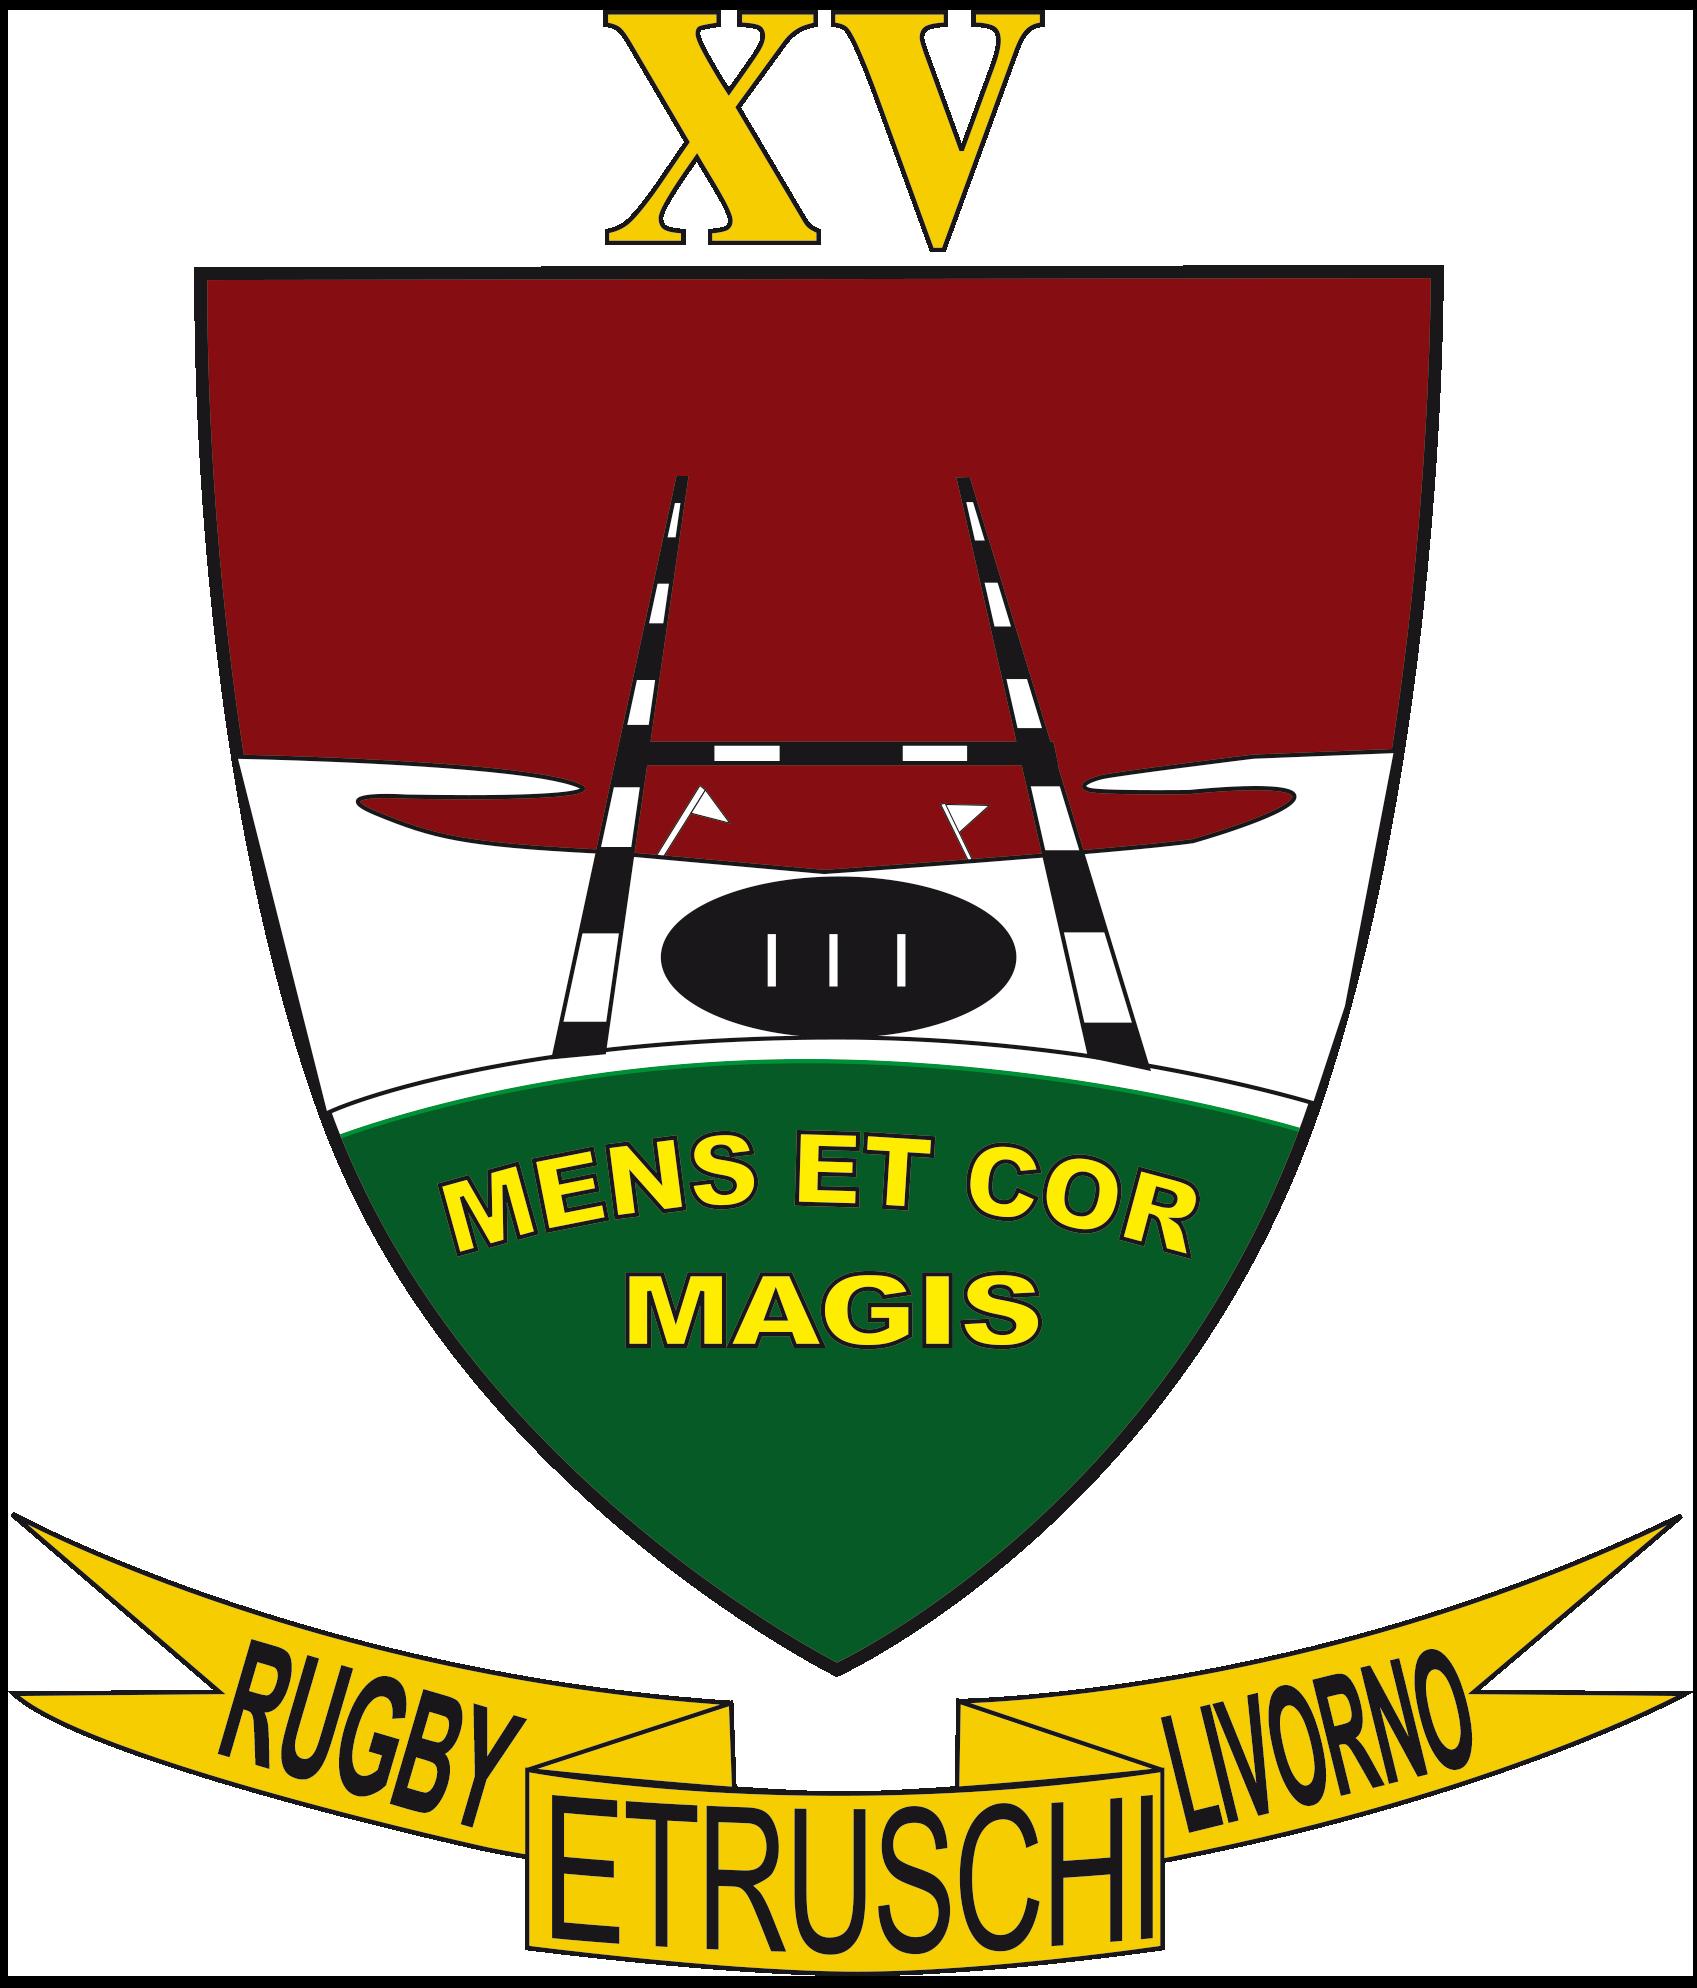 Rugby Etruschi Livorno